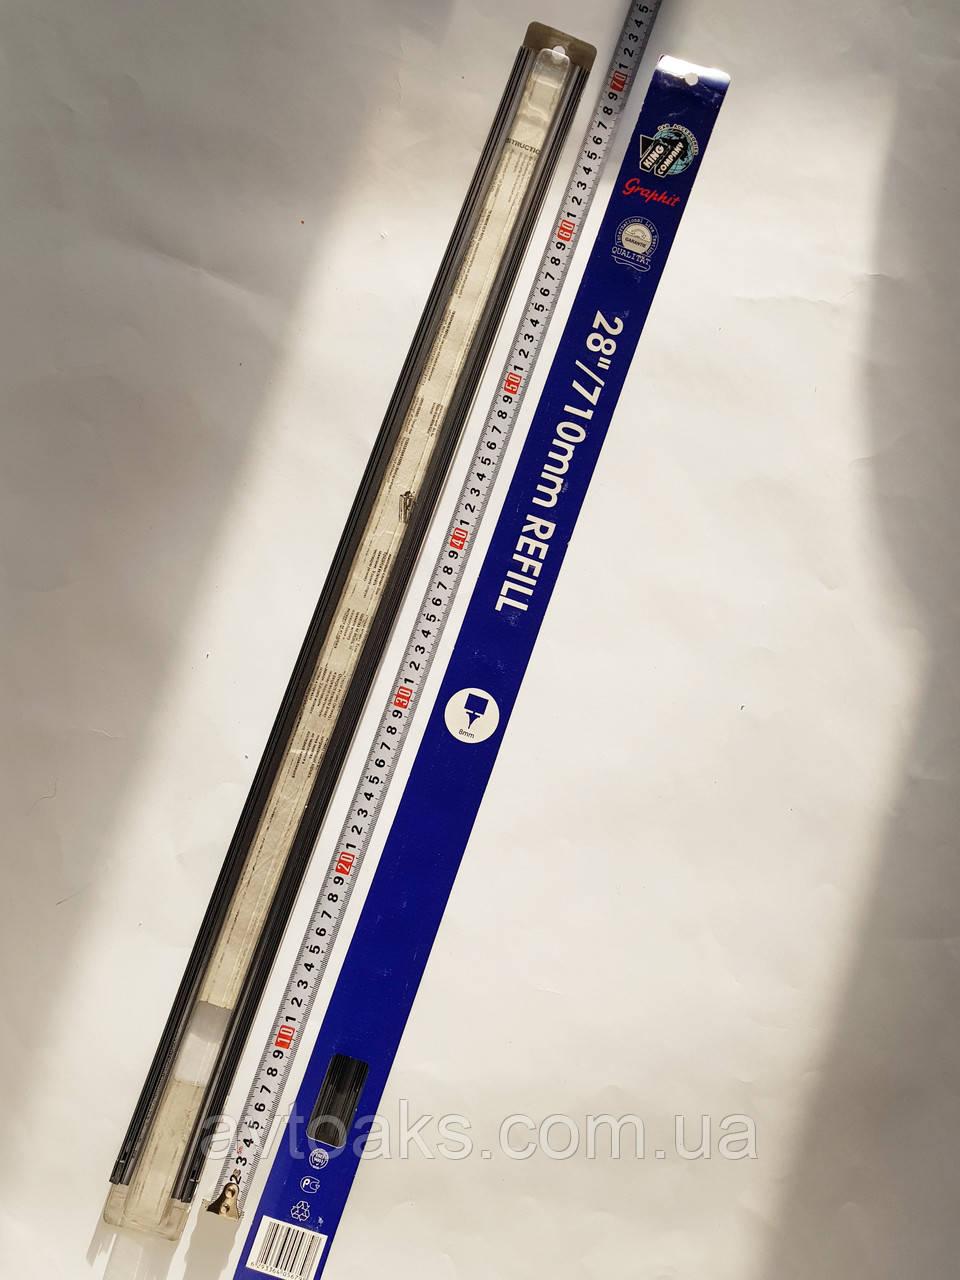 Резинка дворника 700 мм, графитовая